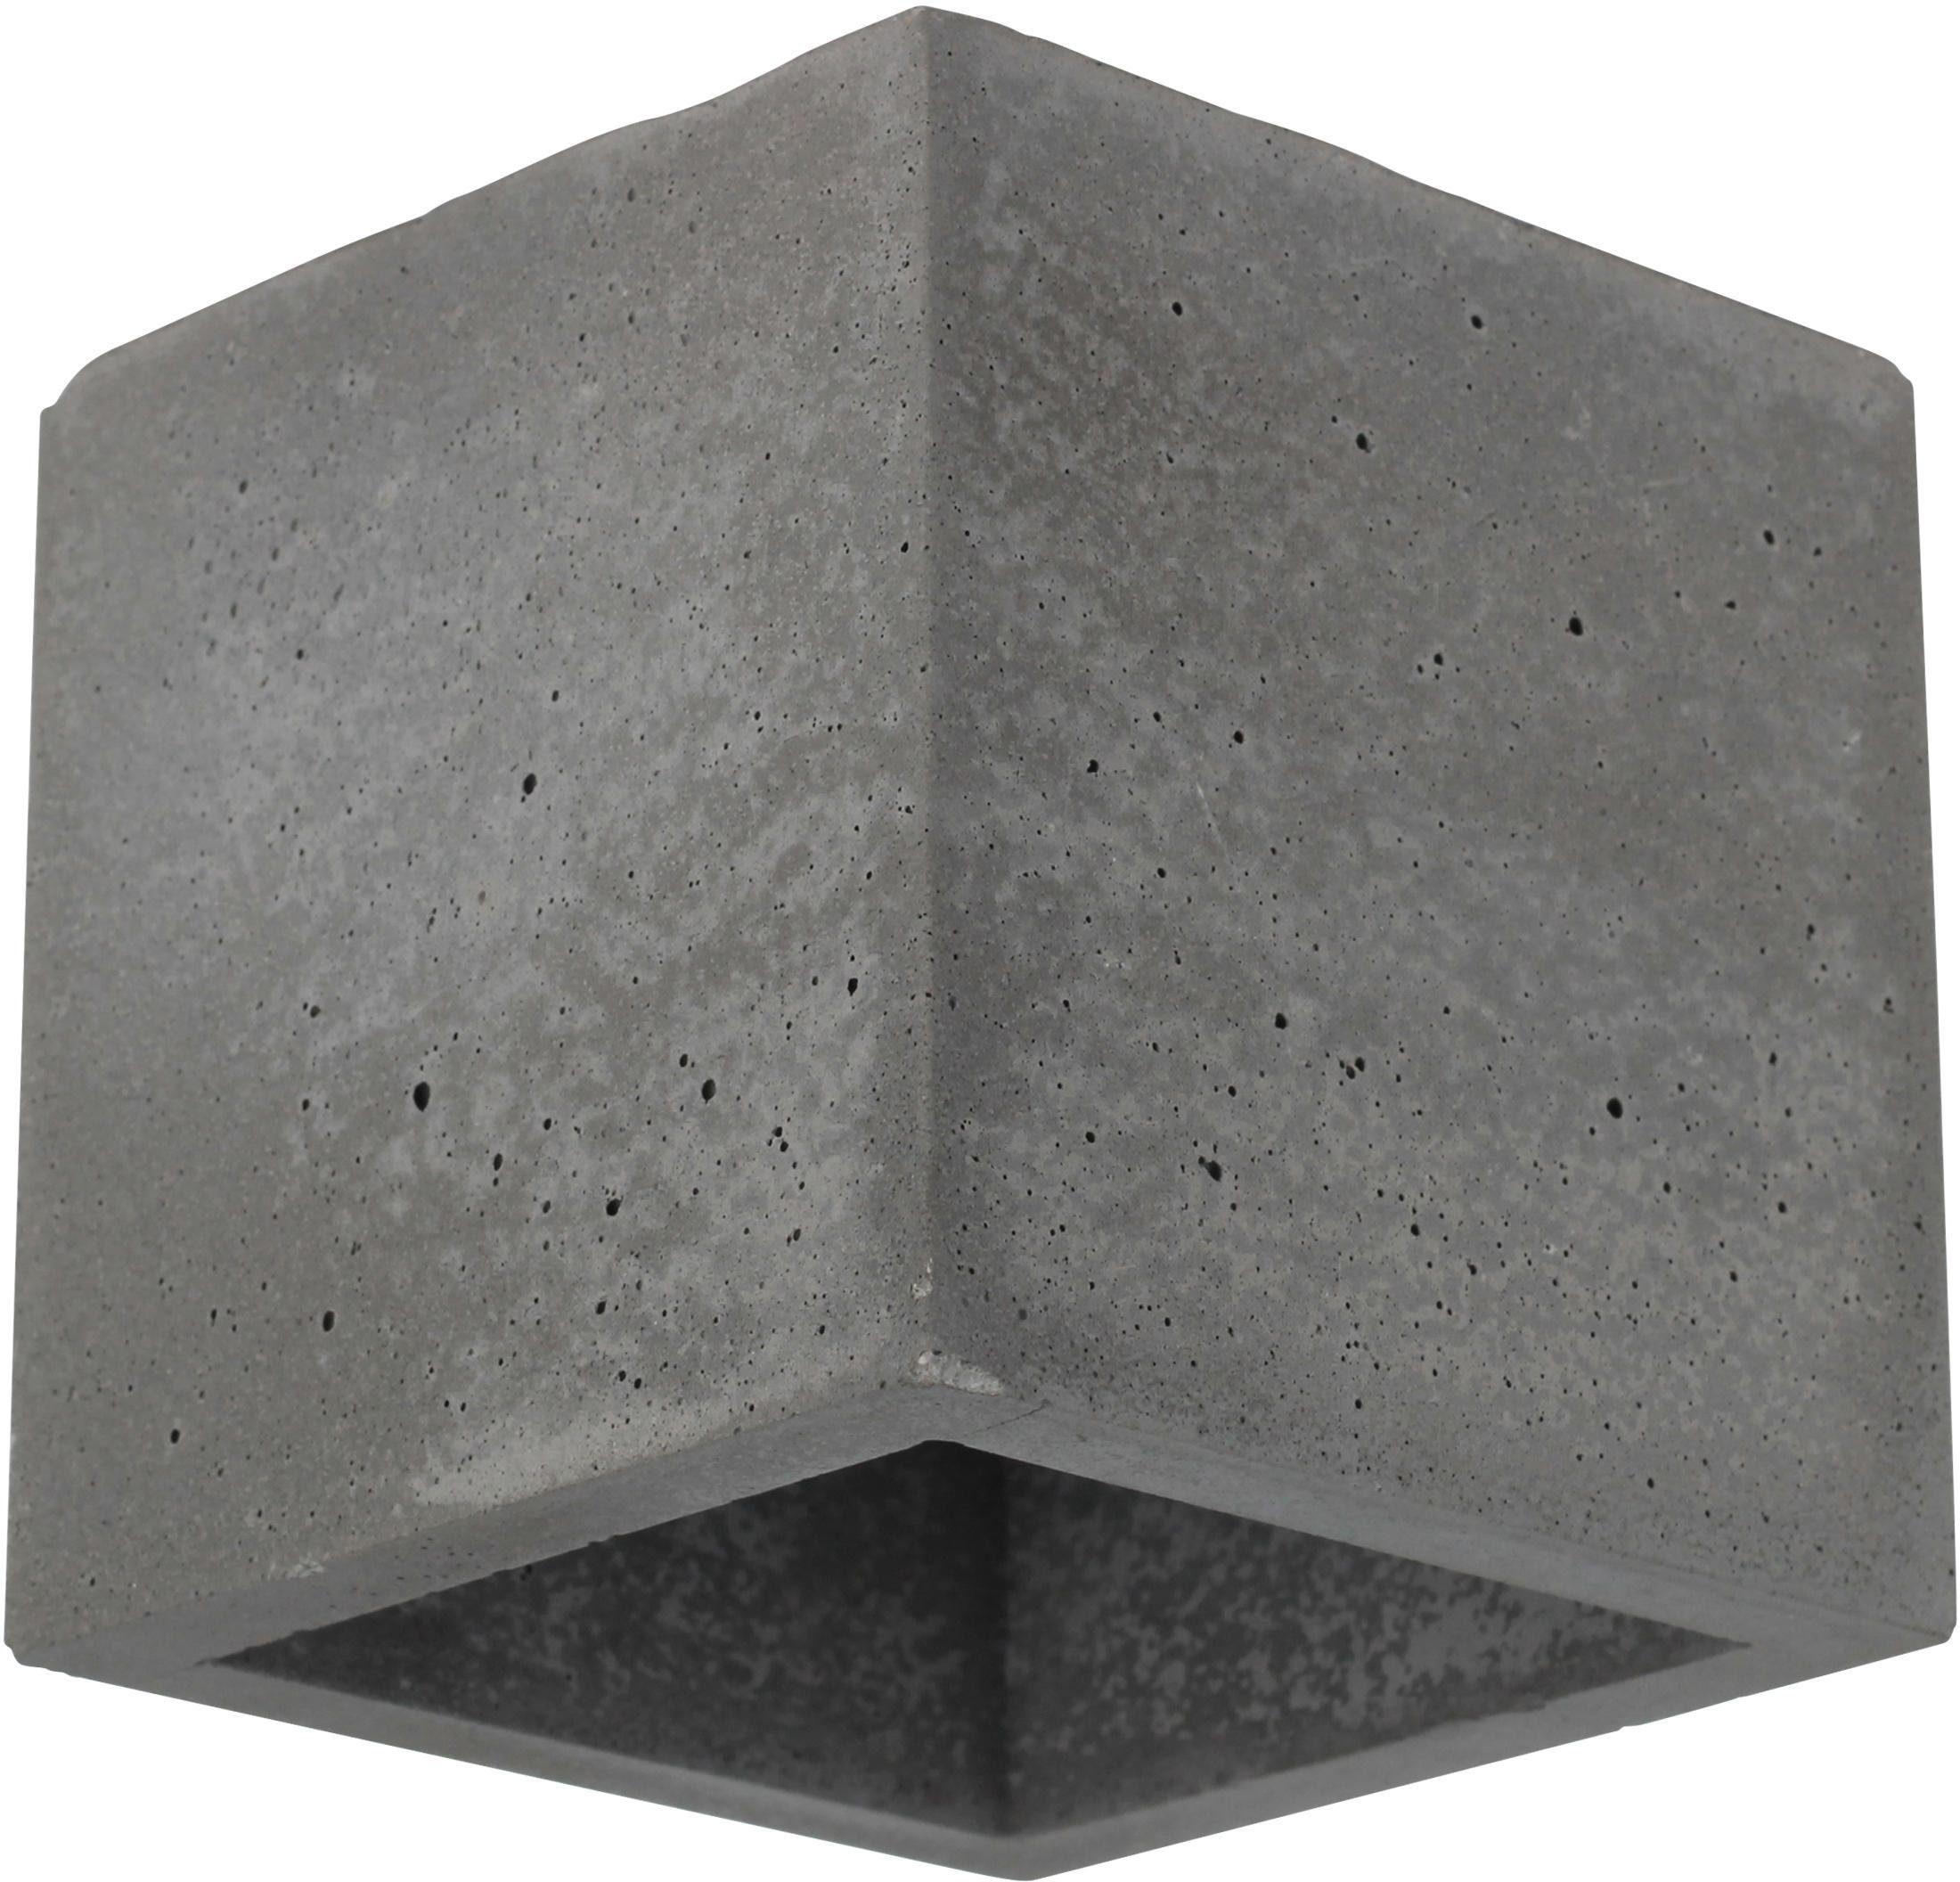 SPOT Light Wandleuchte BLOCK, G9, Naturprodukt aus echtem Beton, Handgefertigt, Made in EU